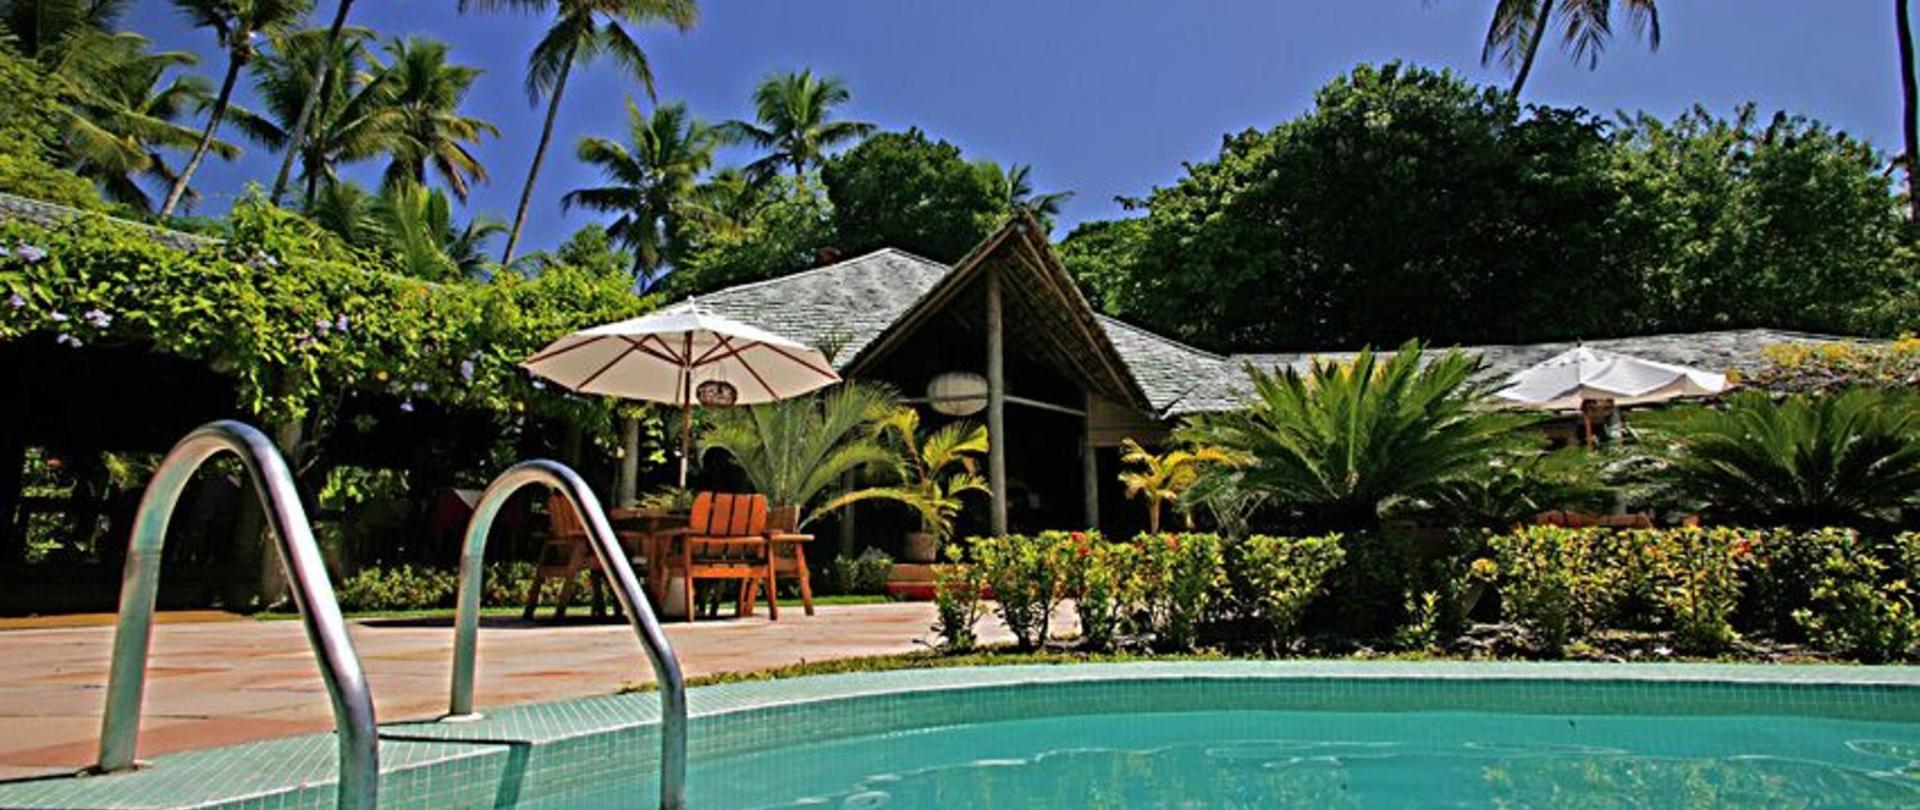 Anima Hotel, Morro de São Paulo, Bahia, Natureza, Praia Deserta2.jpg